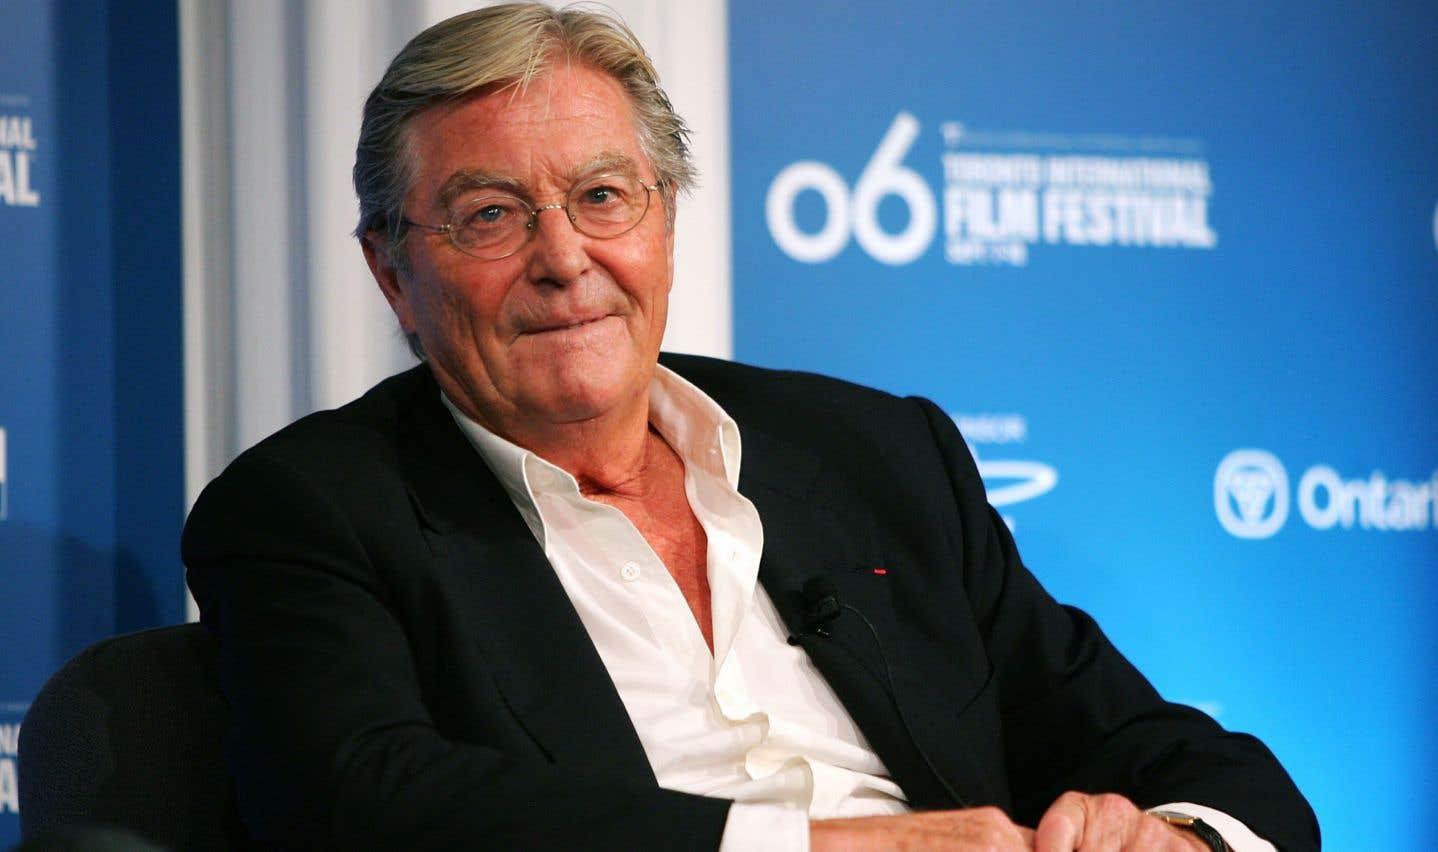 L'écrivain Peter Mayleavait été fait chevalier de la Légion d'honneur en 2002 pour sa contribution à la culture française.